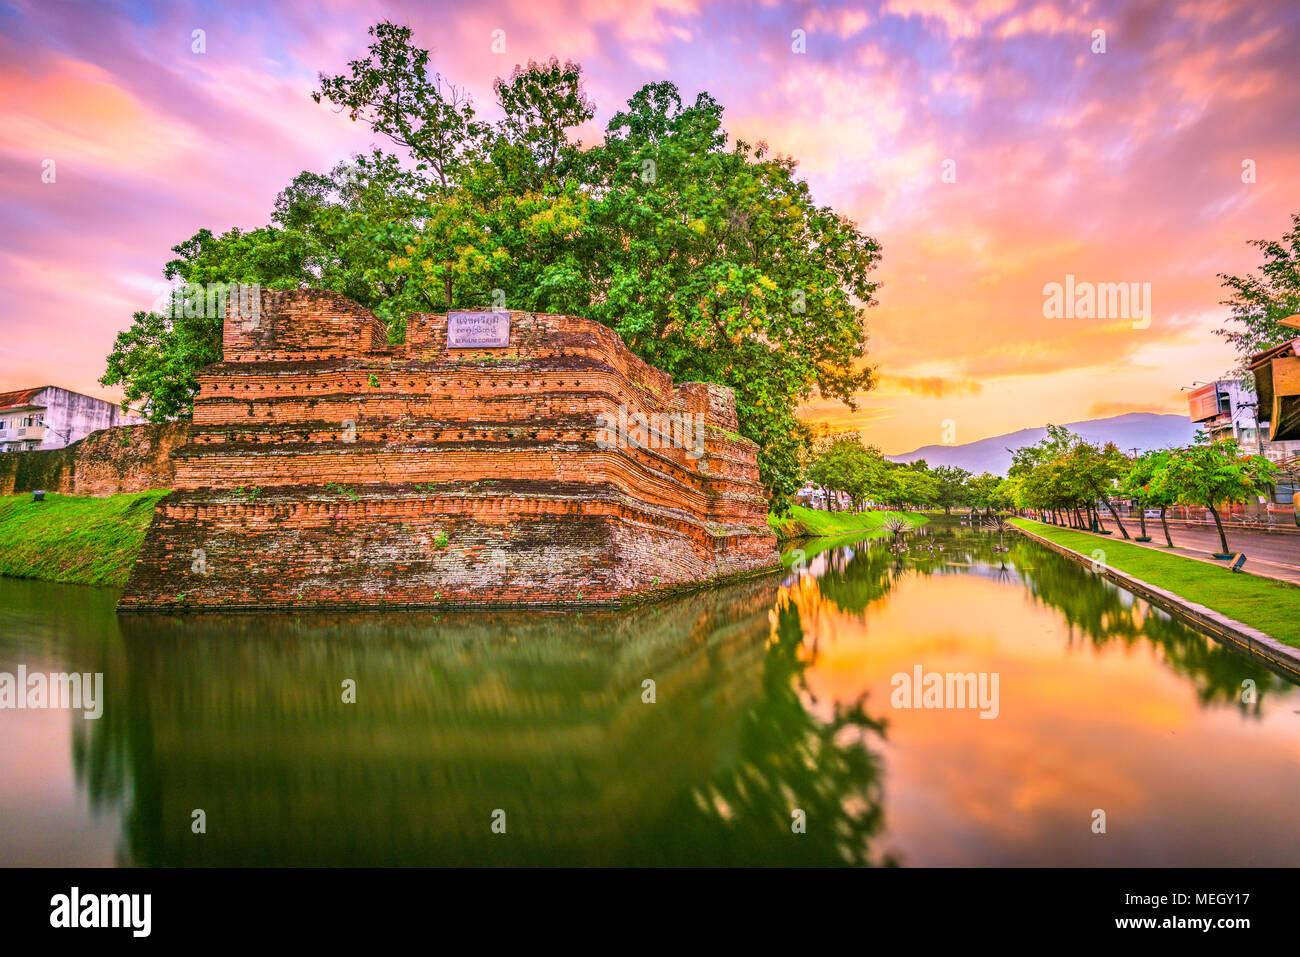 Chiang Mai, Thailandia vecchia città antiche mura e fossato al crepuscolo. Immagini Stock